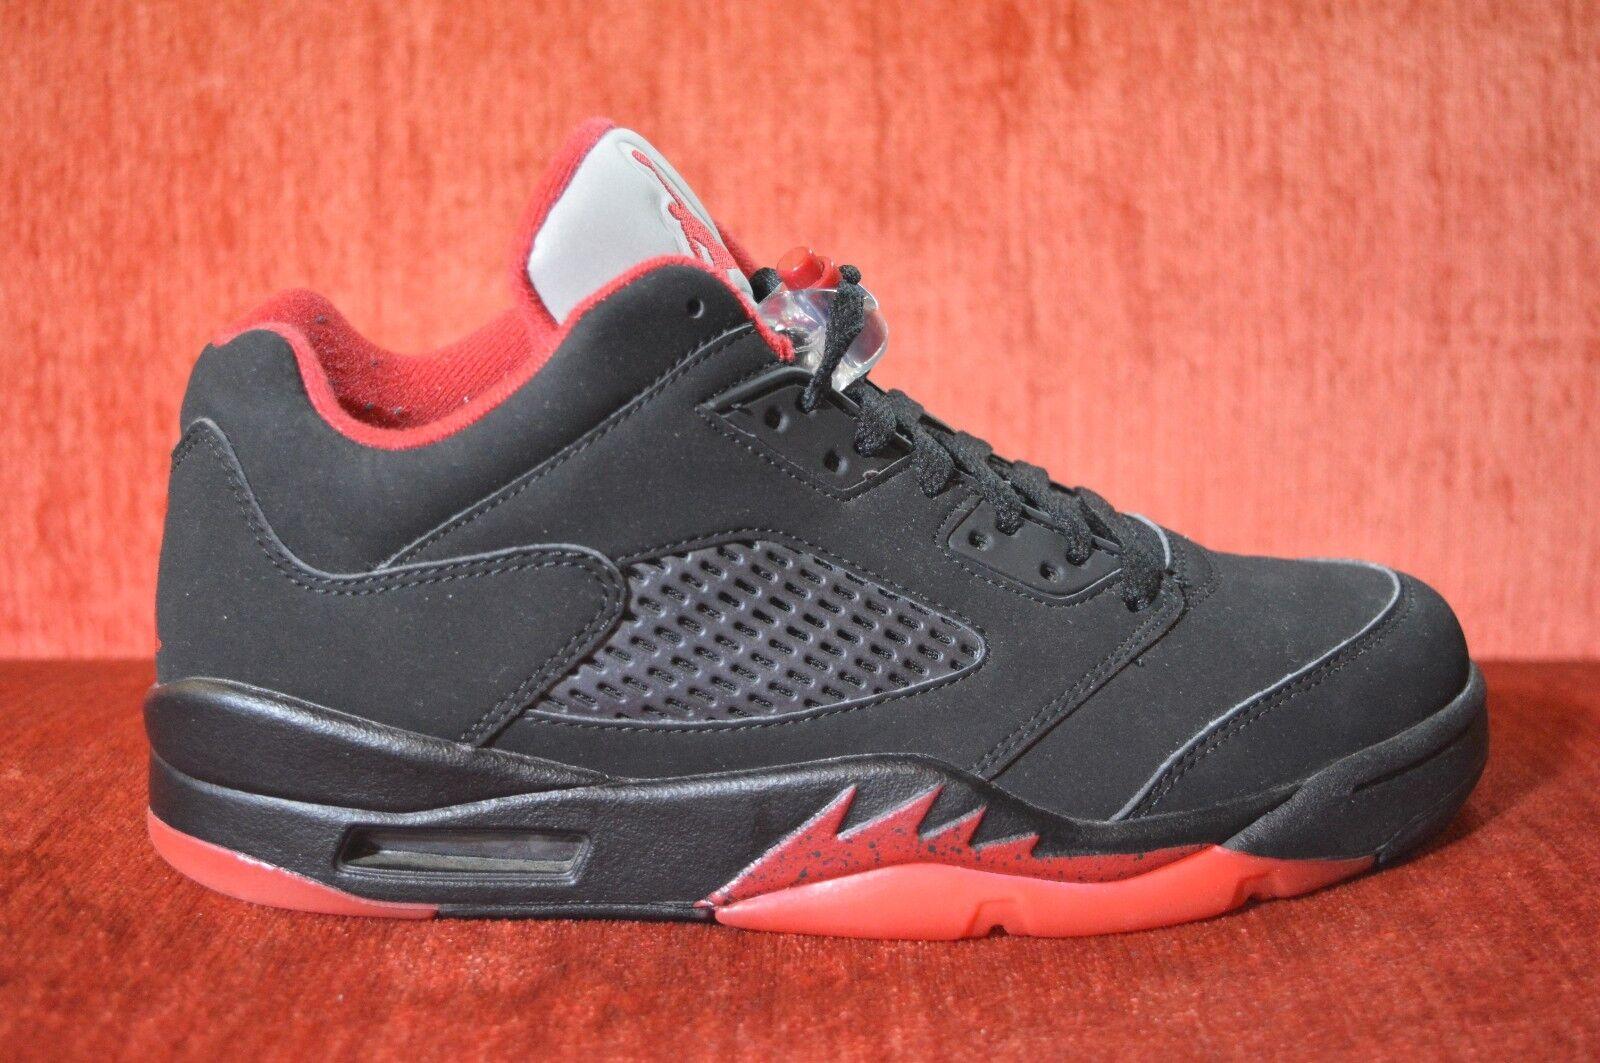 b1a9d0a9d727f4 VNDS Nike Air Jordan 5 V Alternate 90 90 90 Low Size 8 819171 001 Fire